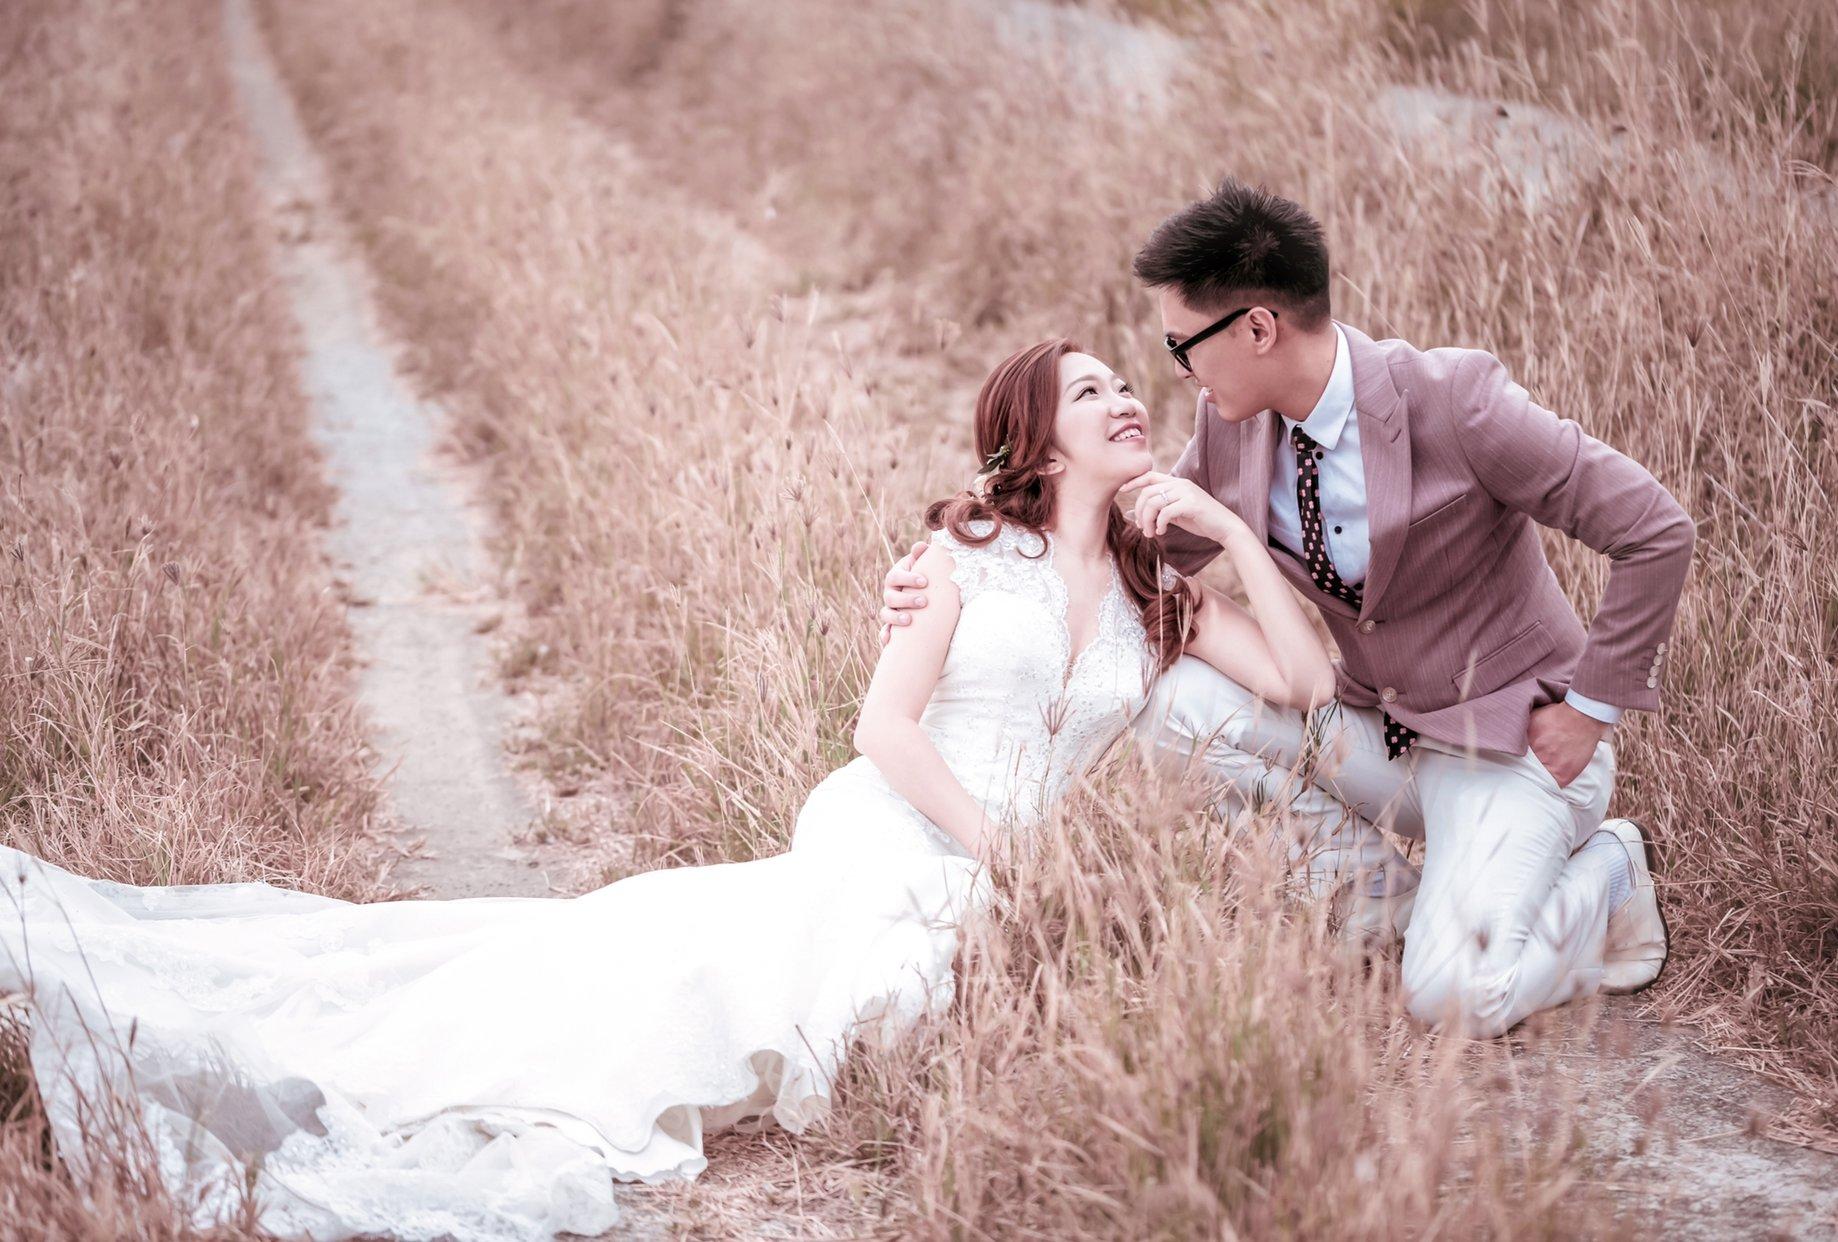 嘉義紐約紐約婚紗 攝影-拍照心得分享4